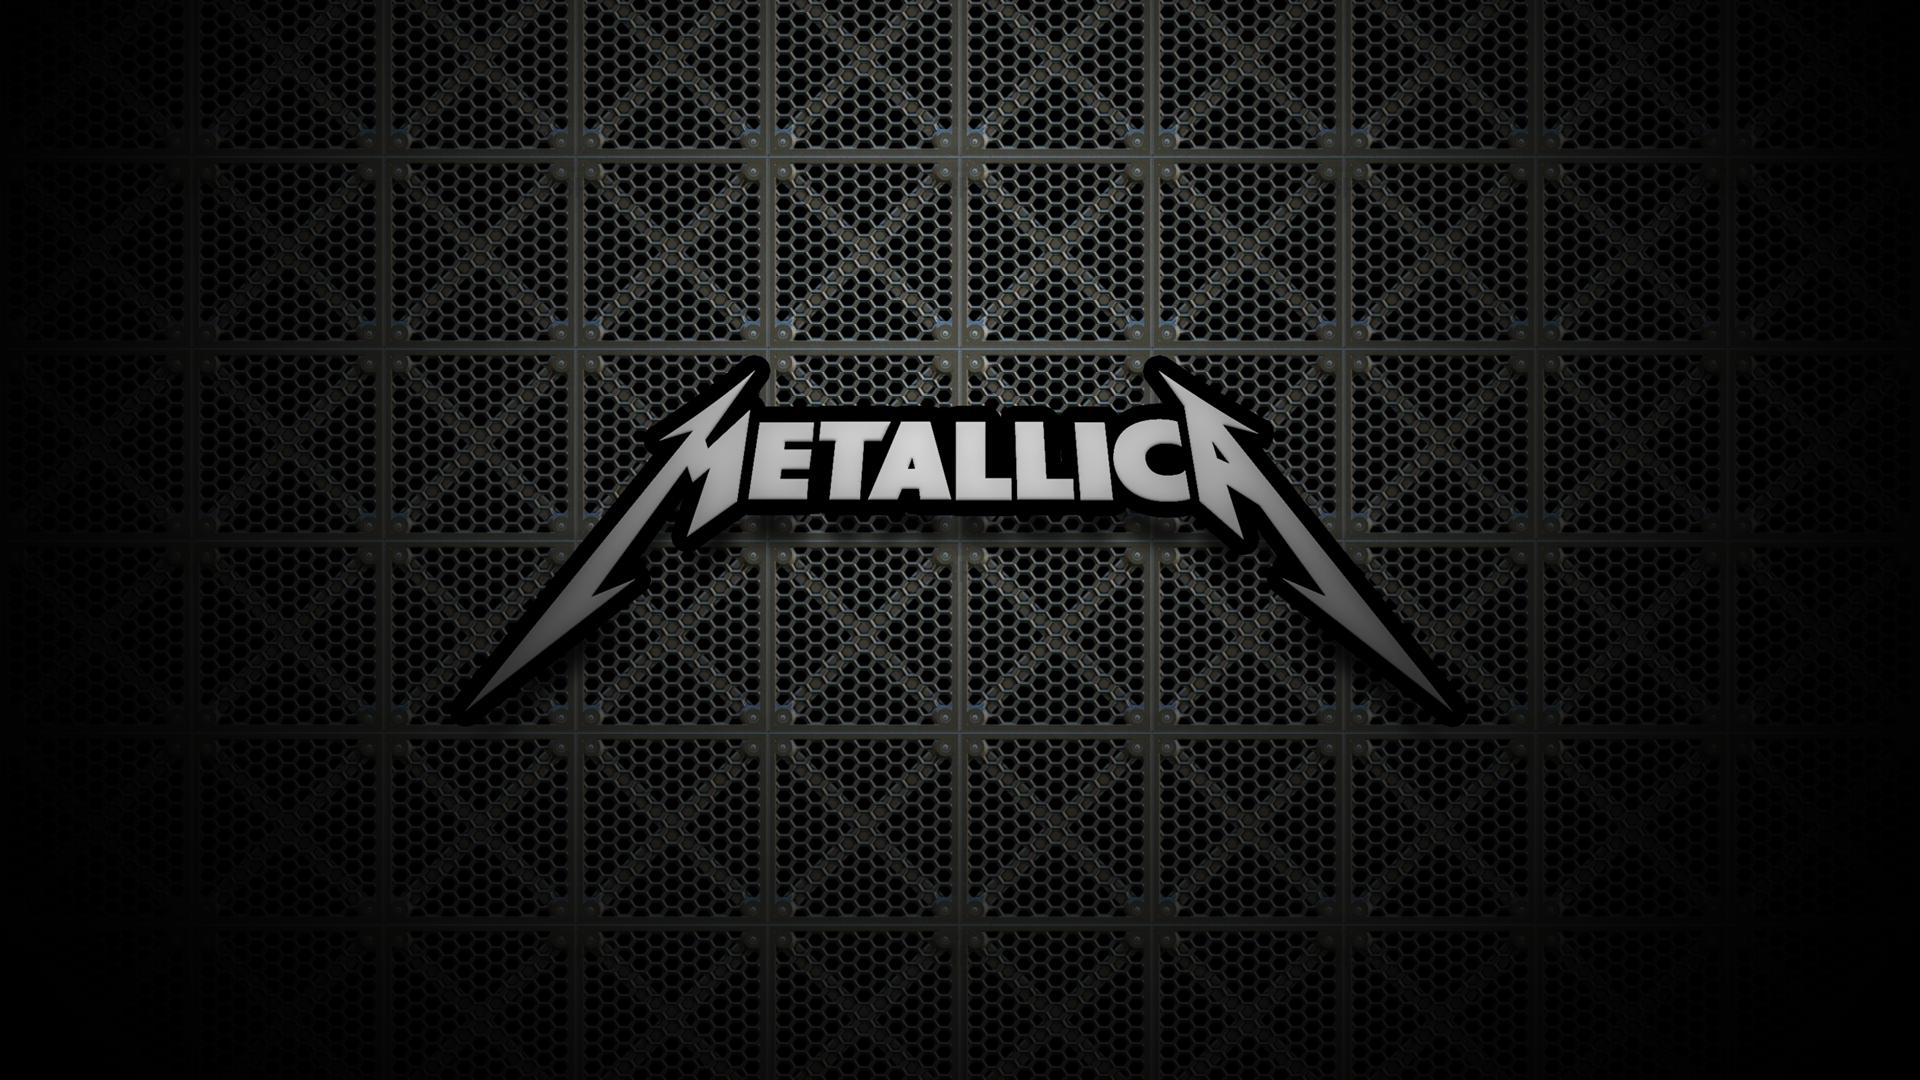 Metallica wallpaper 18182 1920x1080